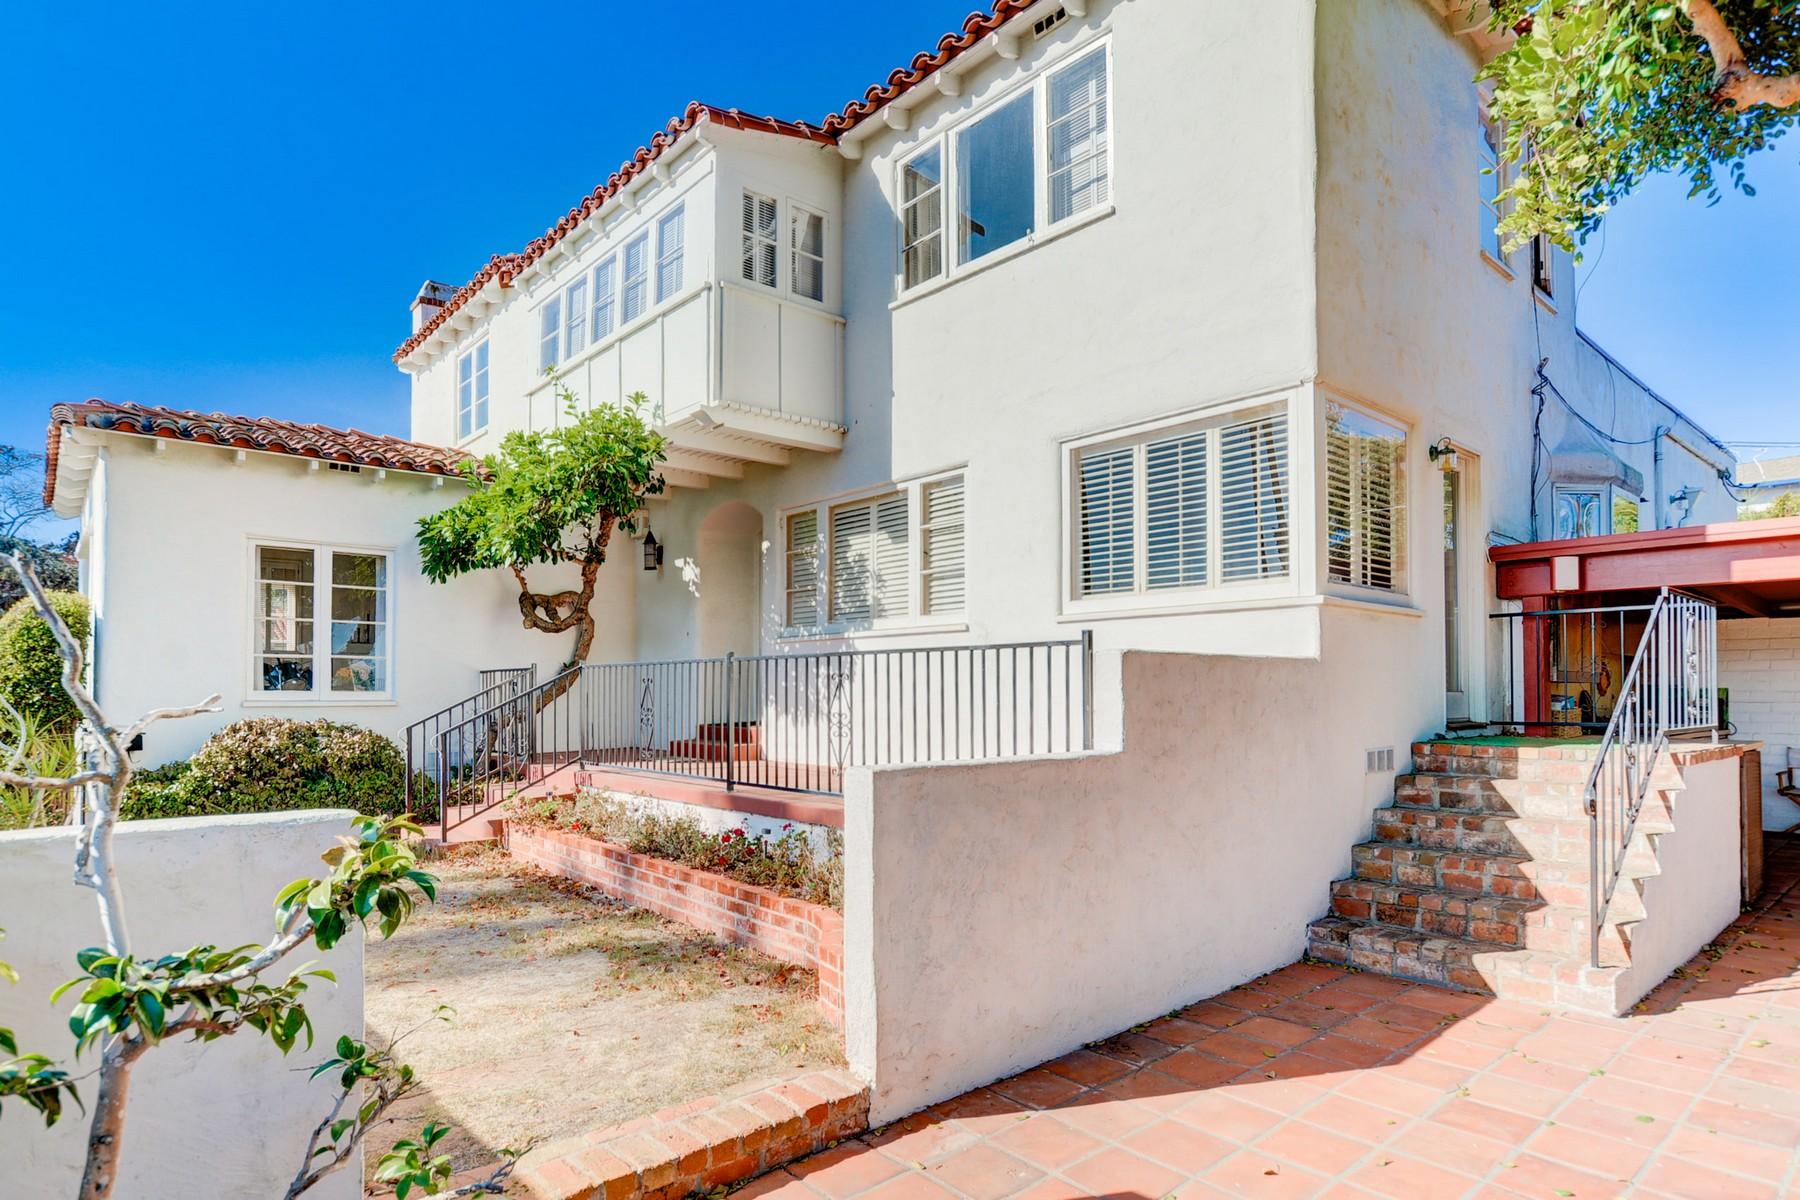 1610 Santa Barbara St